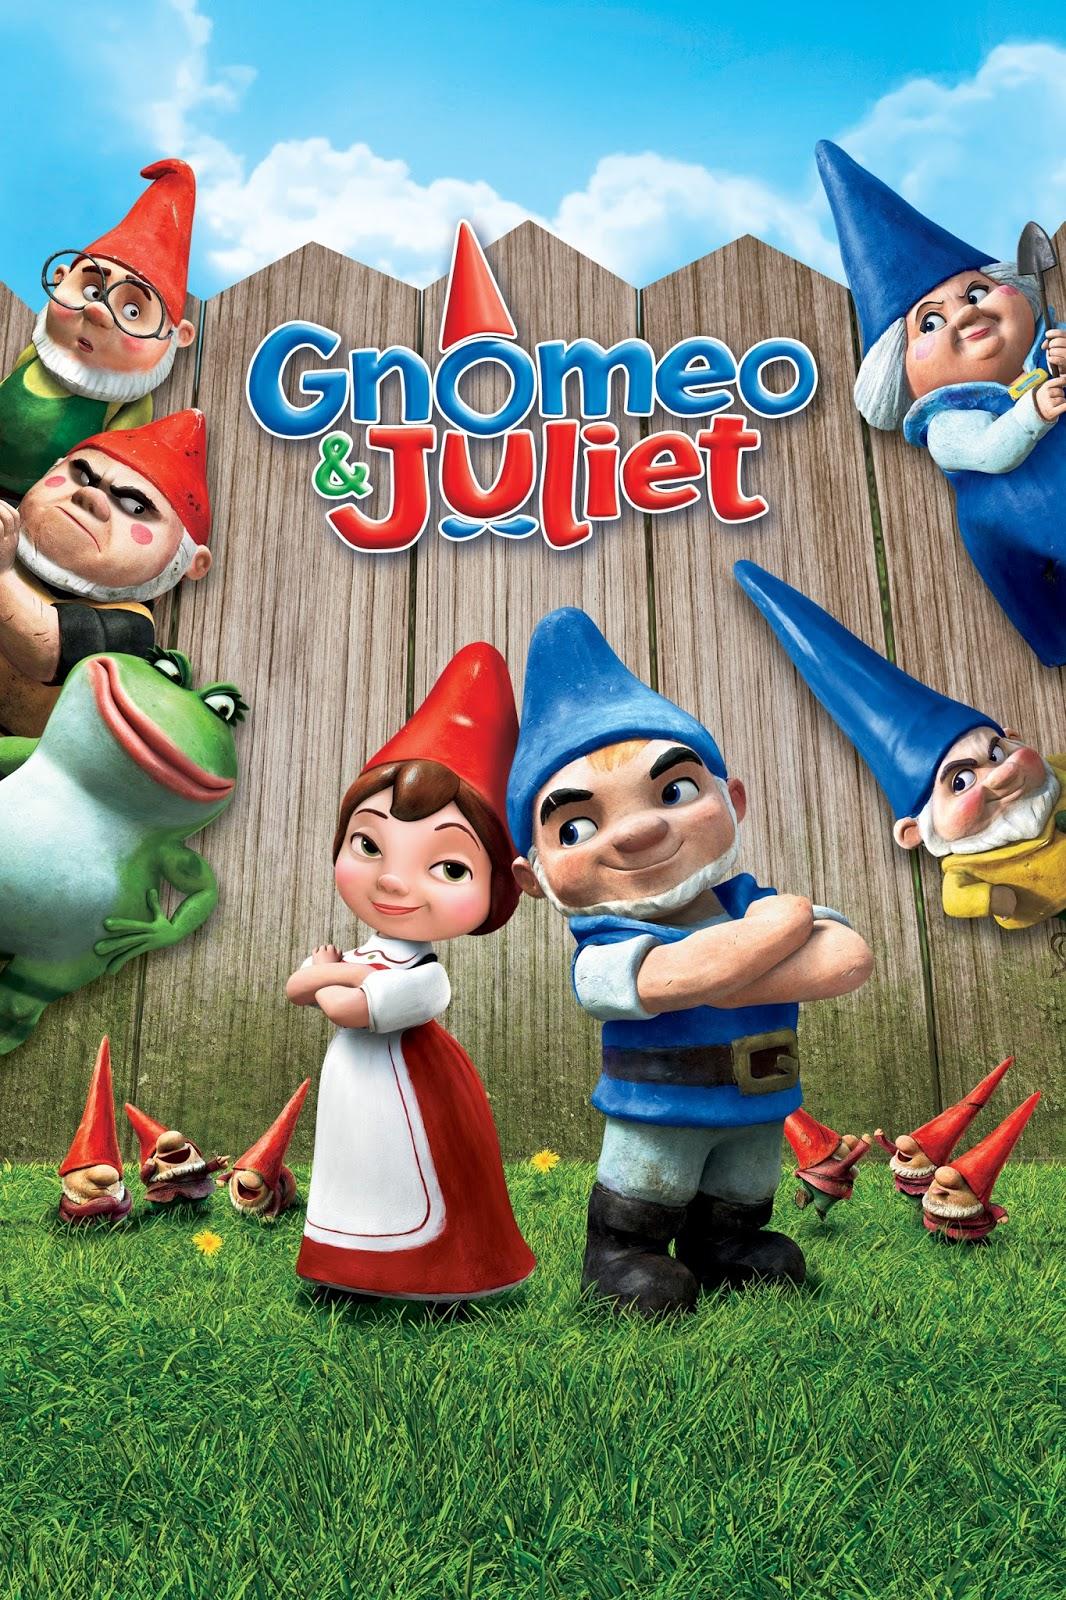 دانلود انیمیشنGnomeo & Juliet 2011 با دوبله فارسی